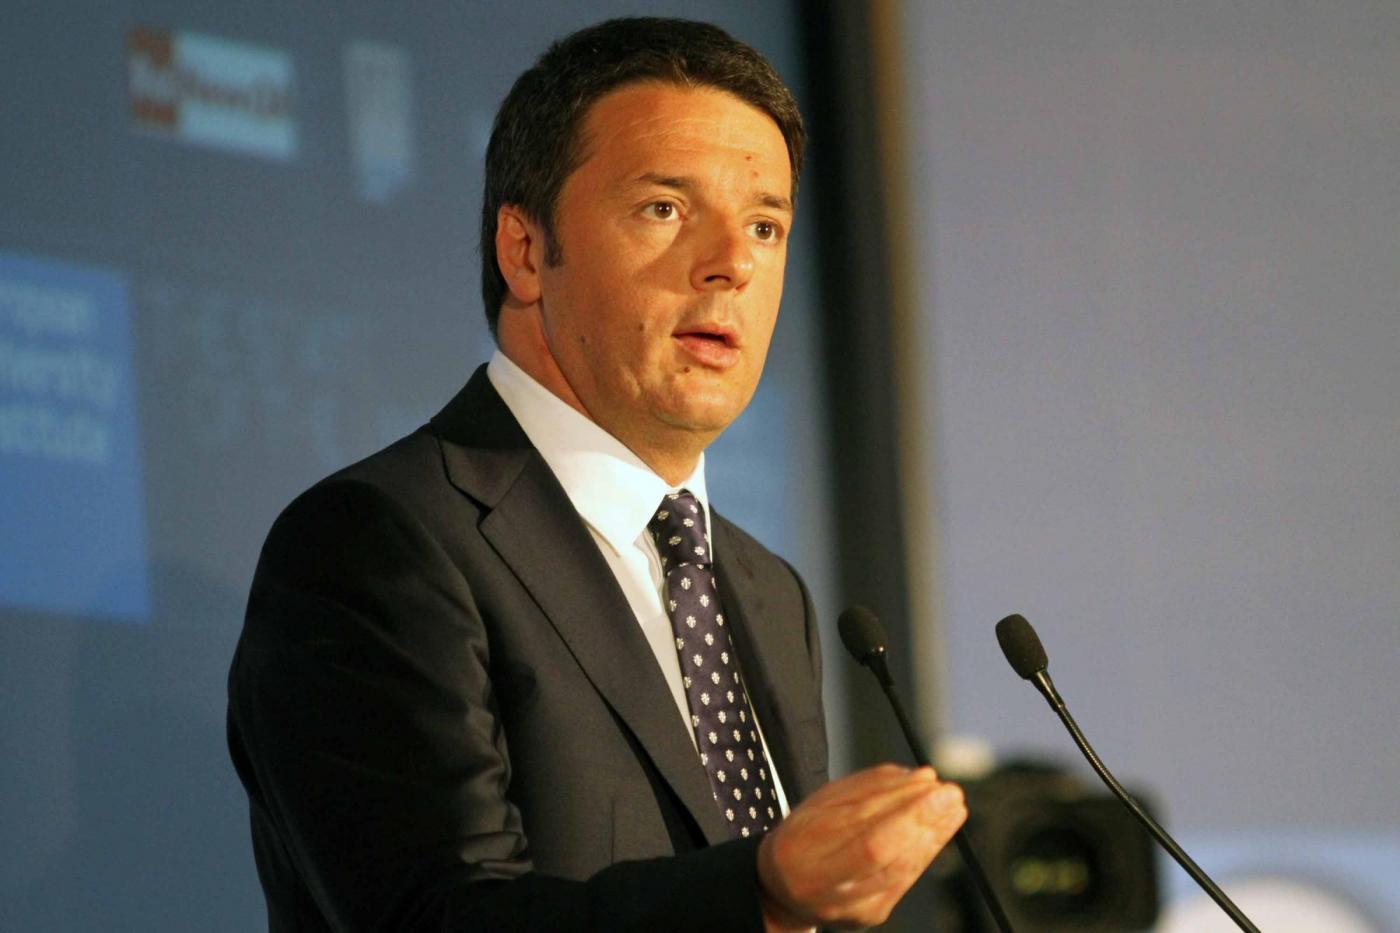 Riforma del Terzo Settore, Renzi lancia il servizio civile universale